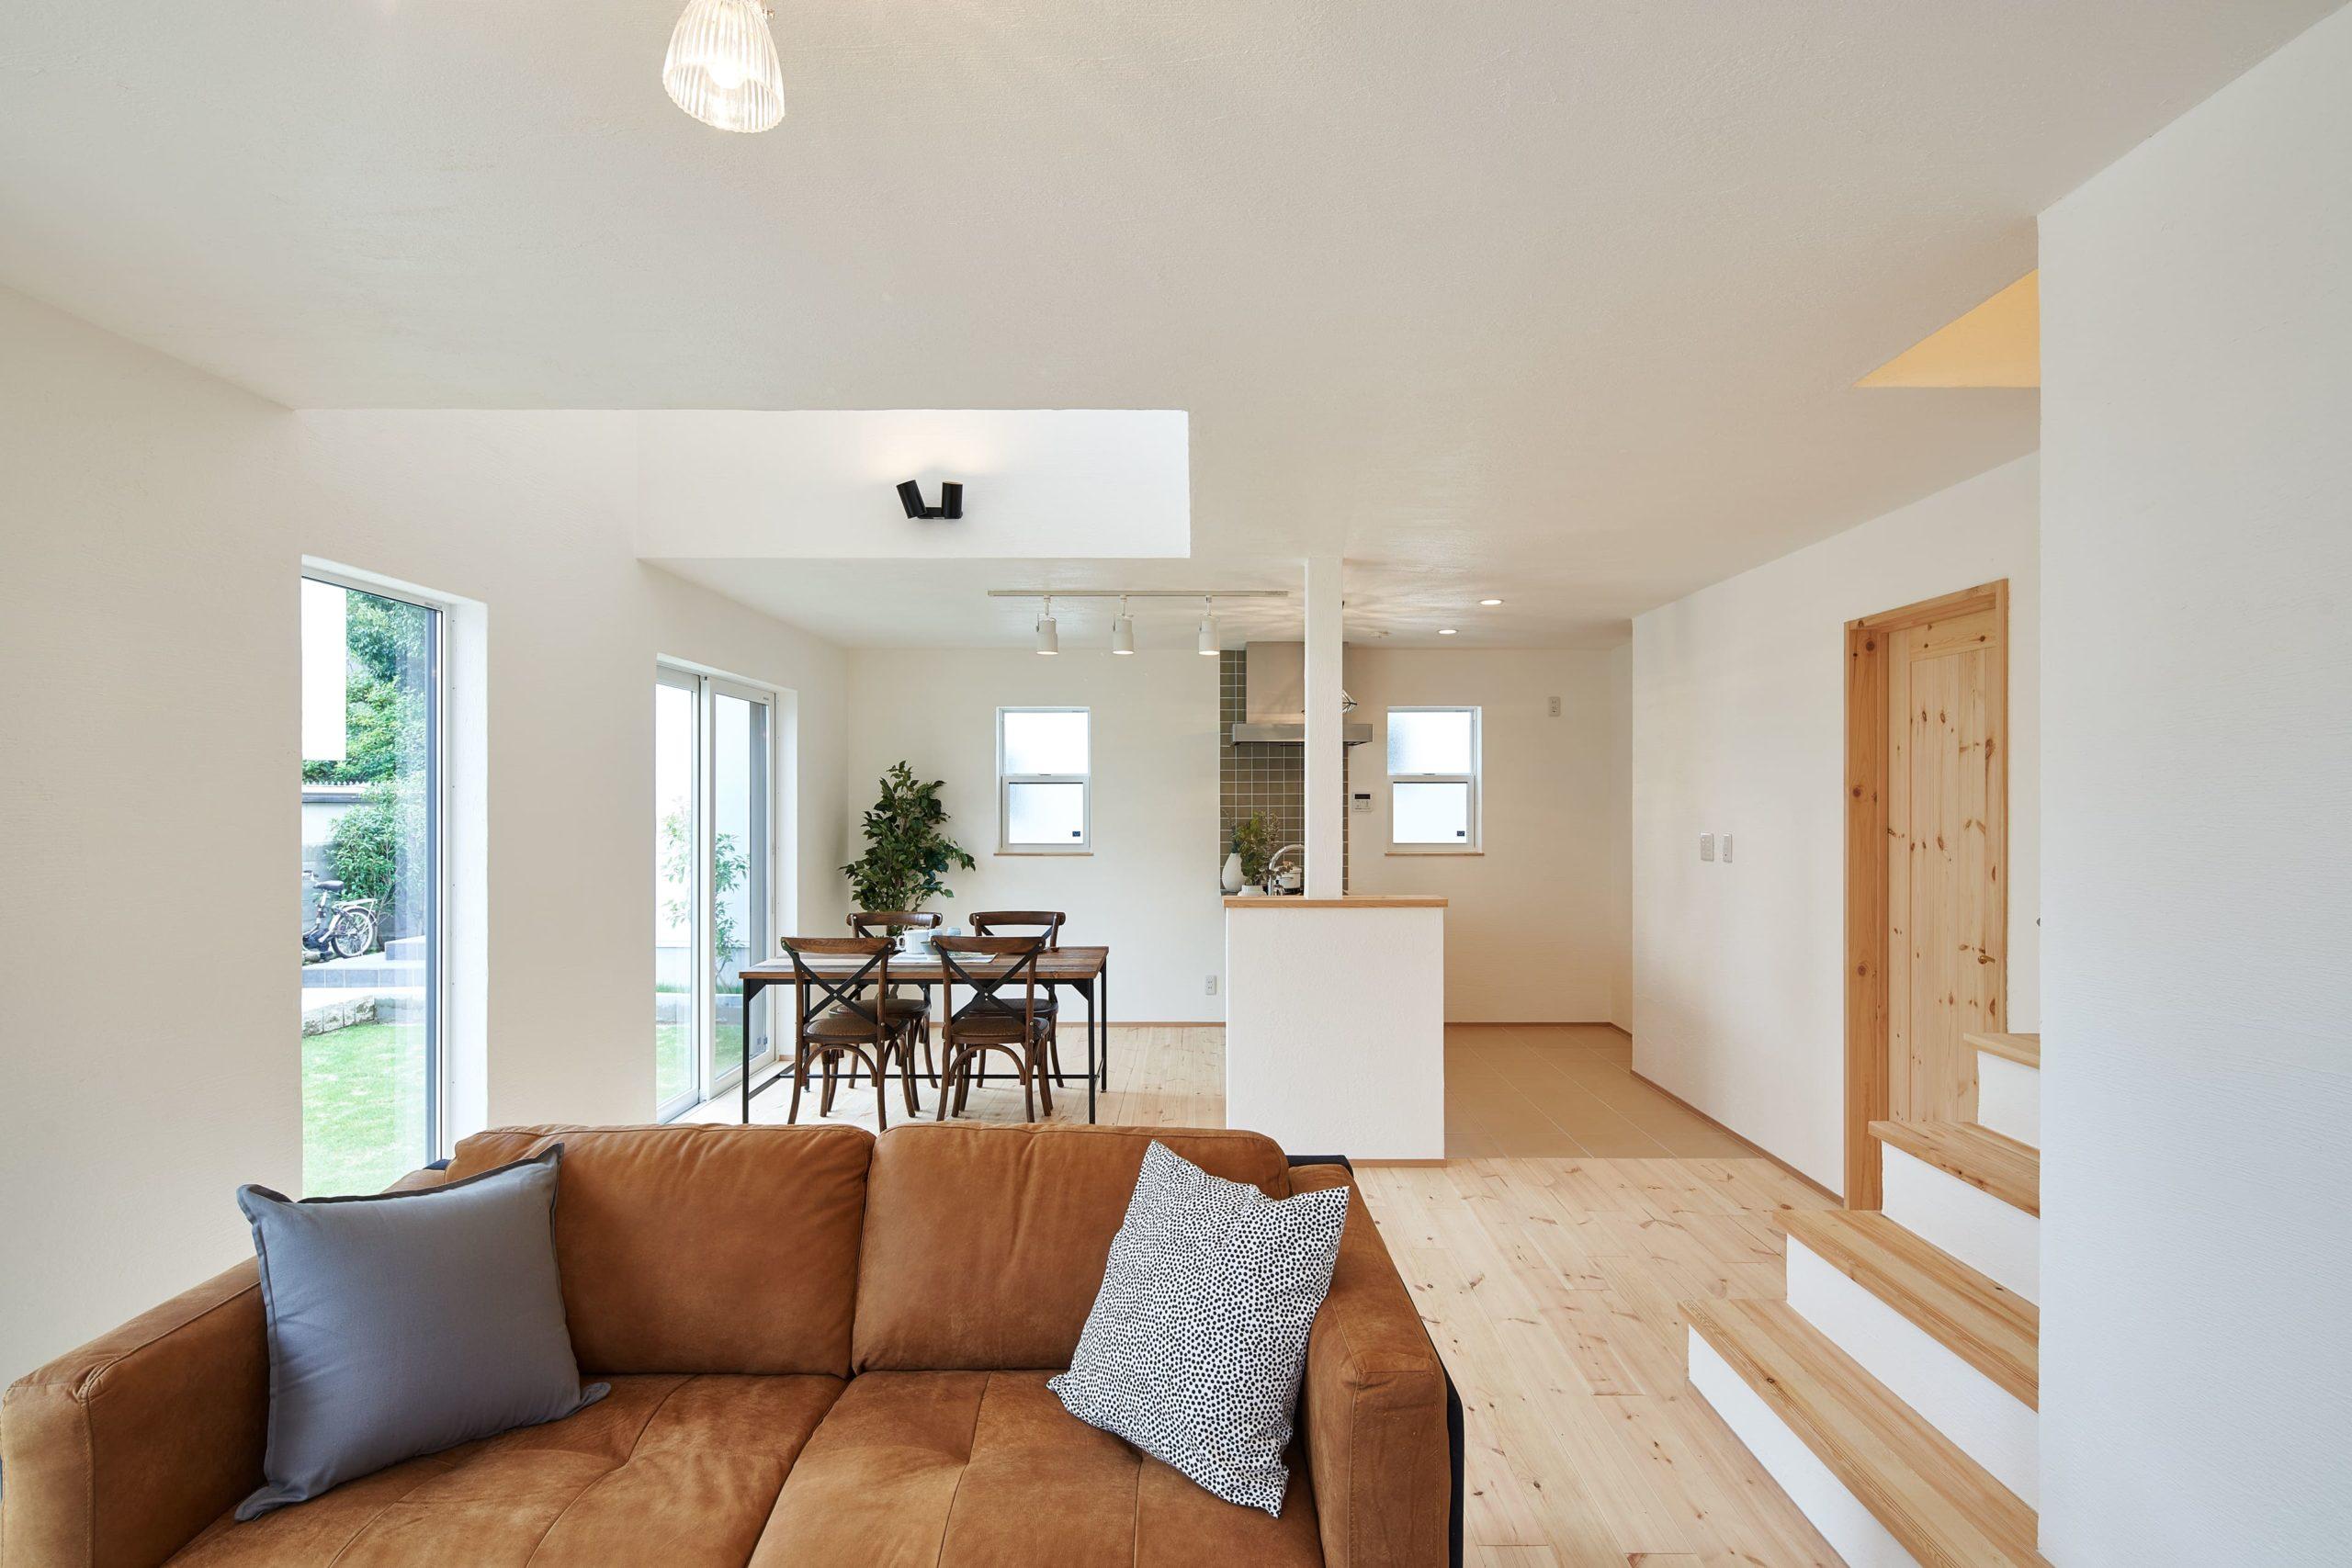 注文住宅を建てる際に「工事請負契約書」と「約款」は良く確認しよう